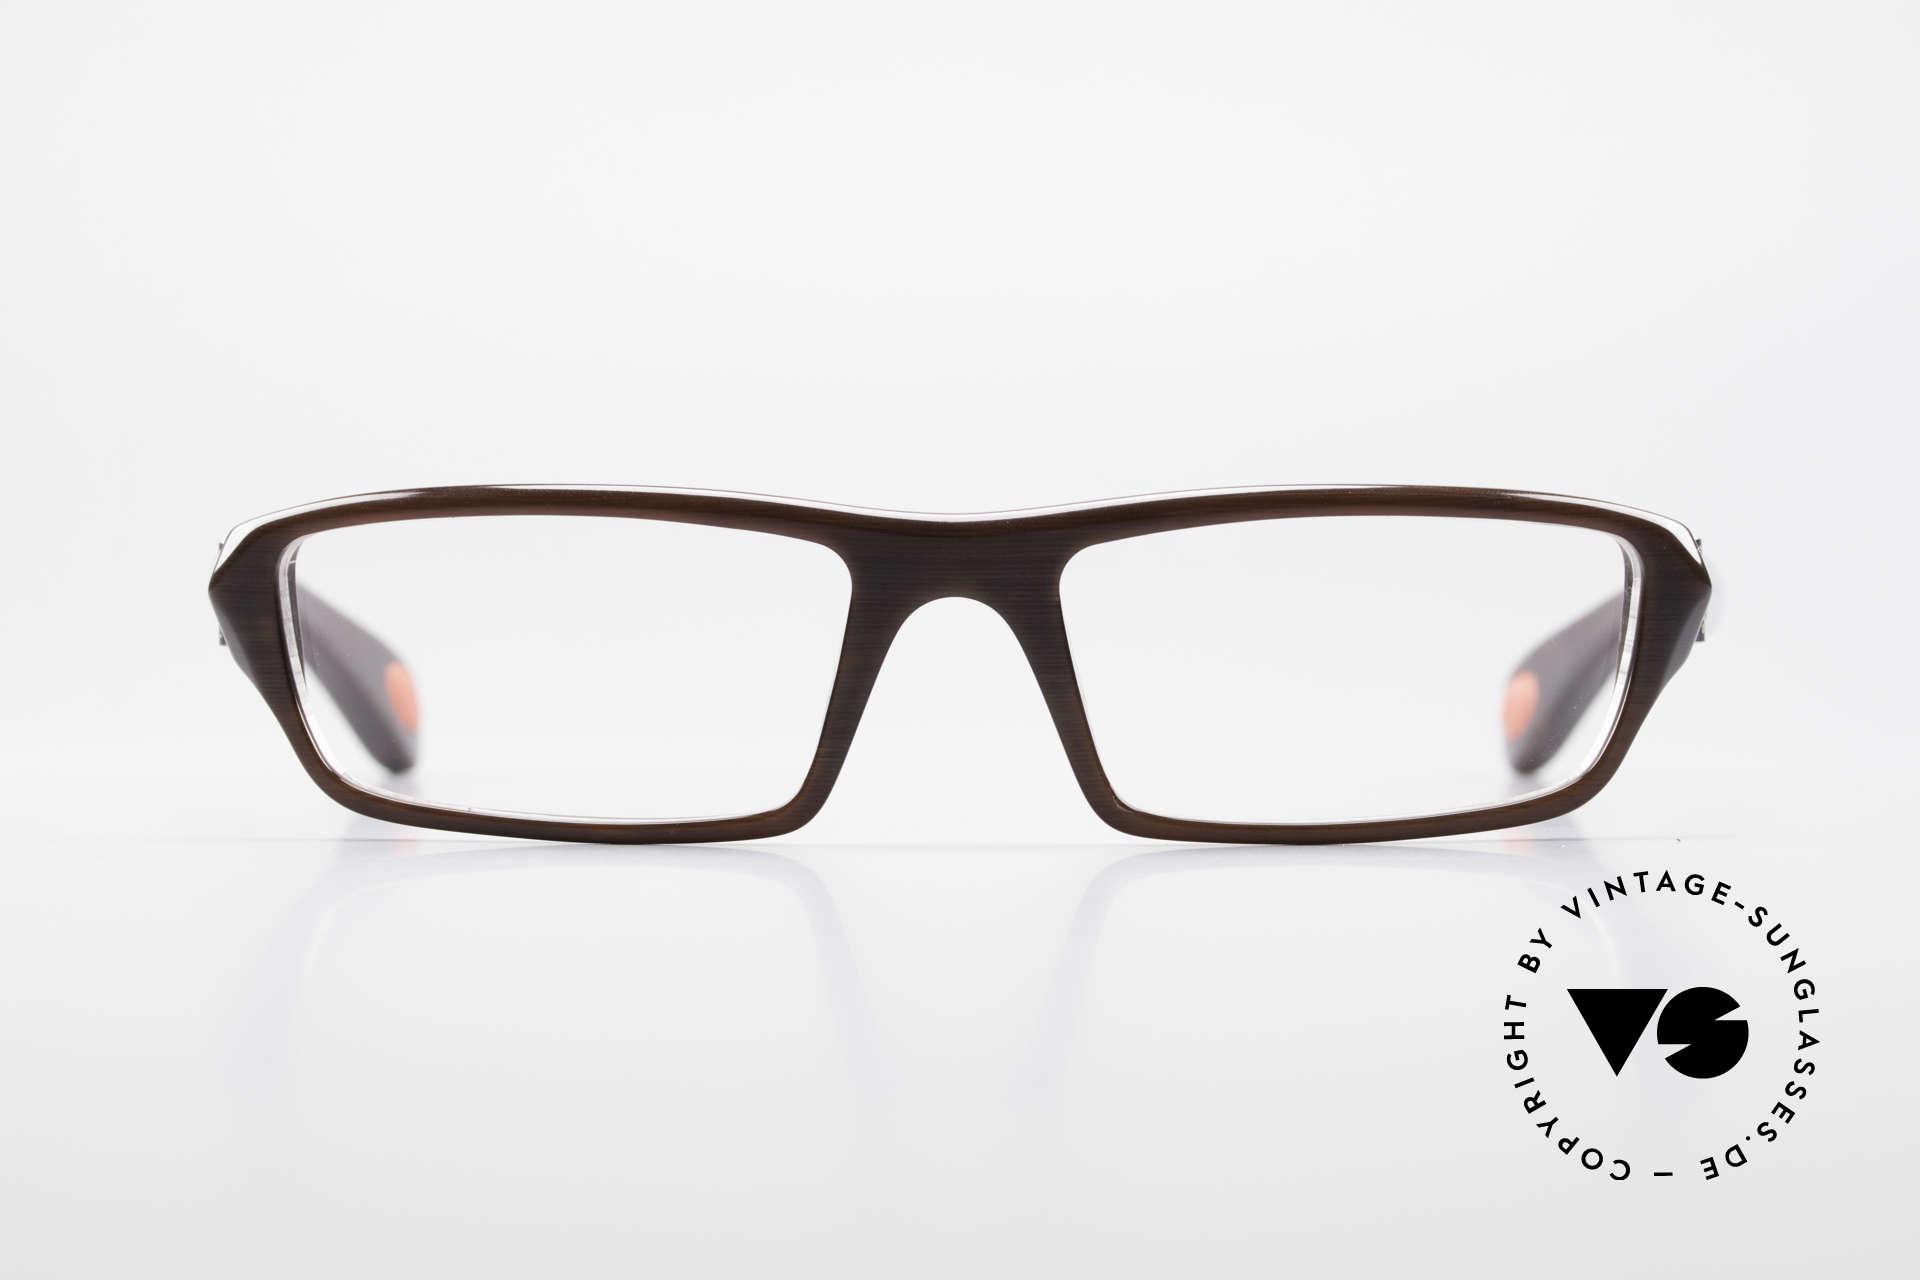 Bugatti 470 Herren Designerbrille Limited, absolute Top-Qualität sämtlicher Komponenten, Passend für Herren